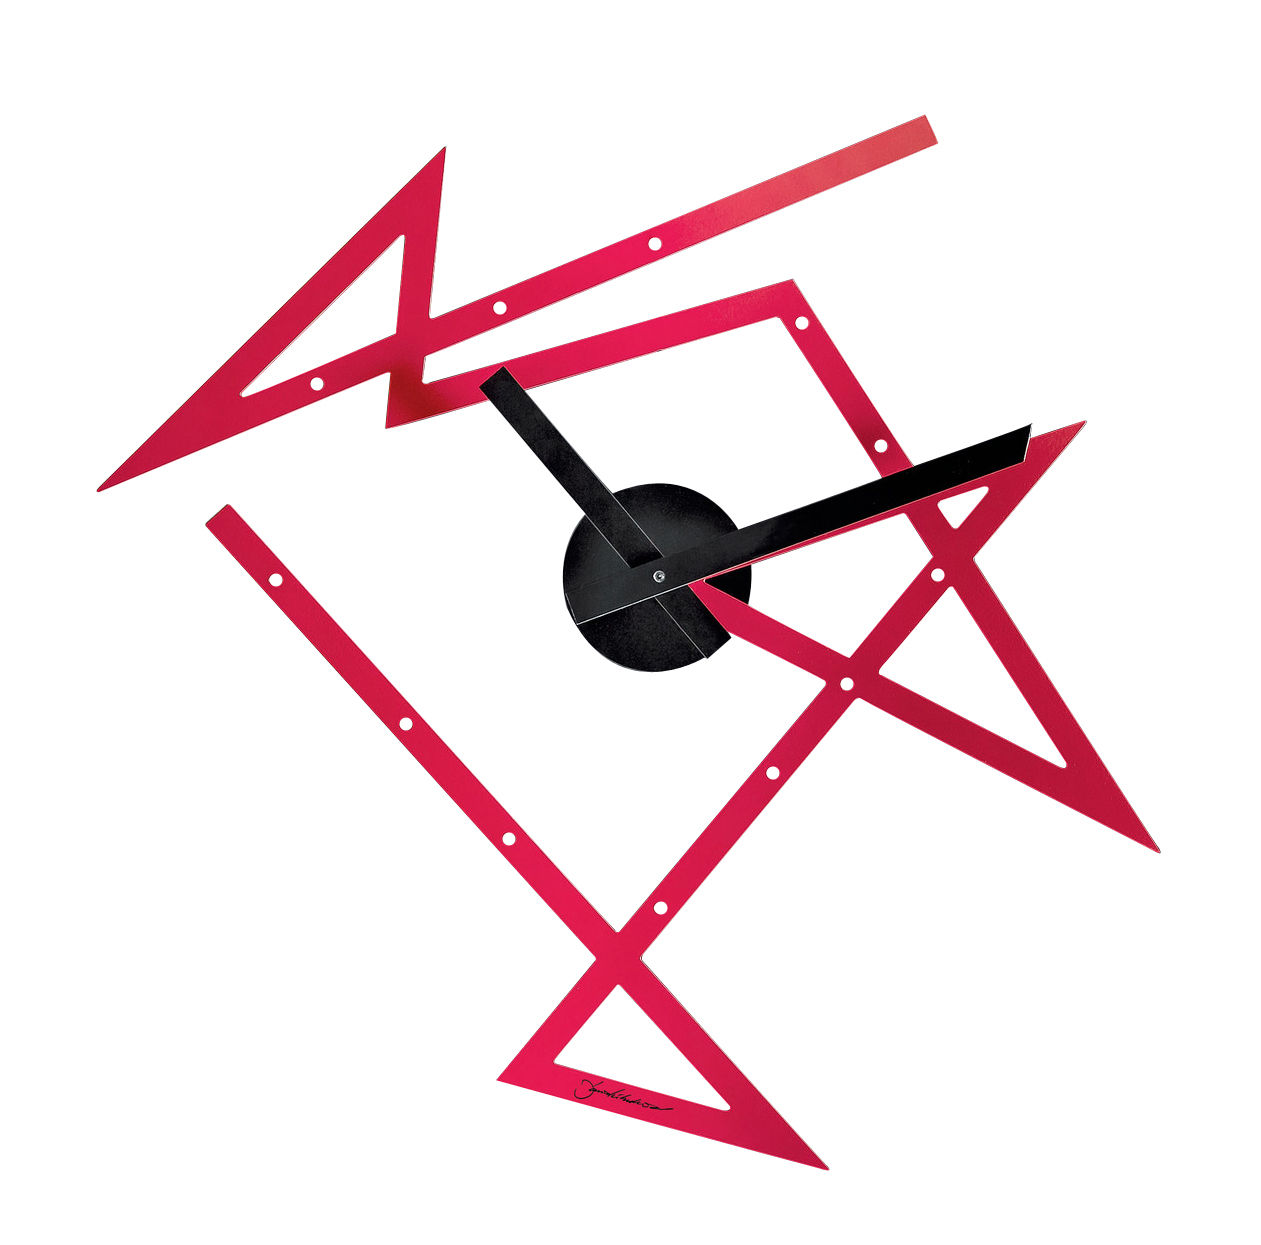 Interni - Orologi  - Orologio a parete Time Maze / L 50 x H 47,5 cm - Alessi - Rosso / Lancette nere - Acciaio